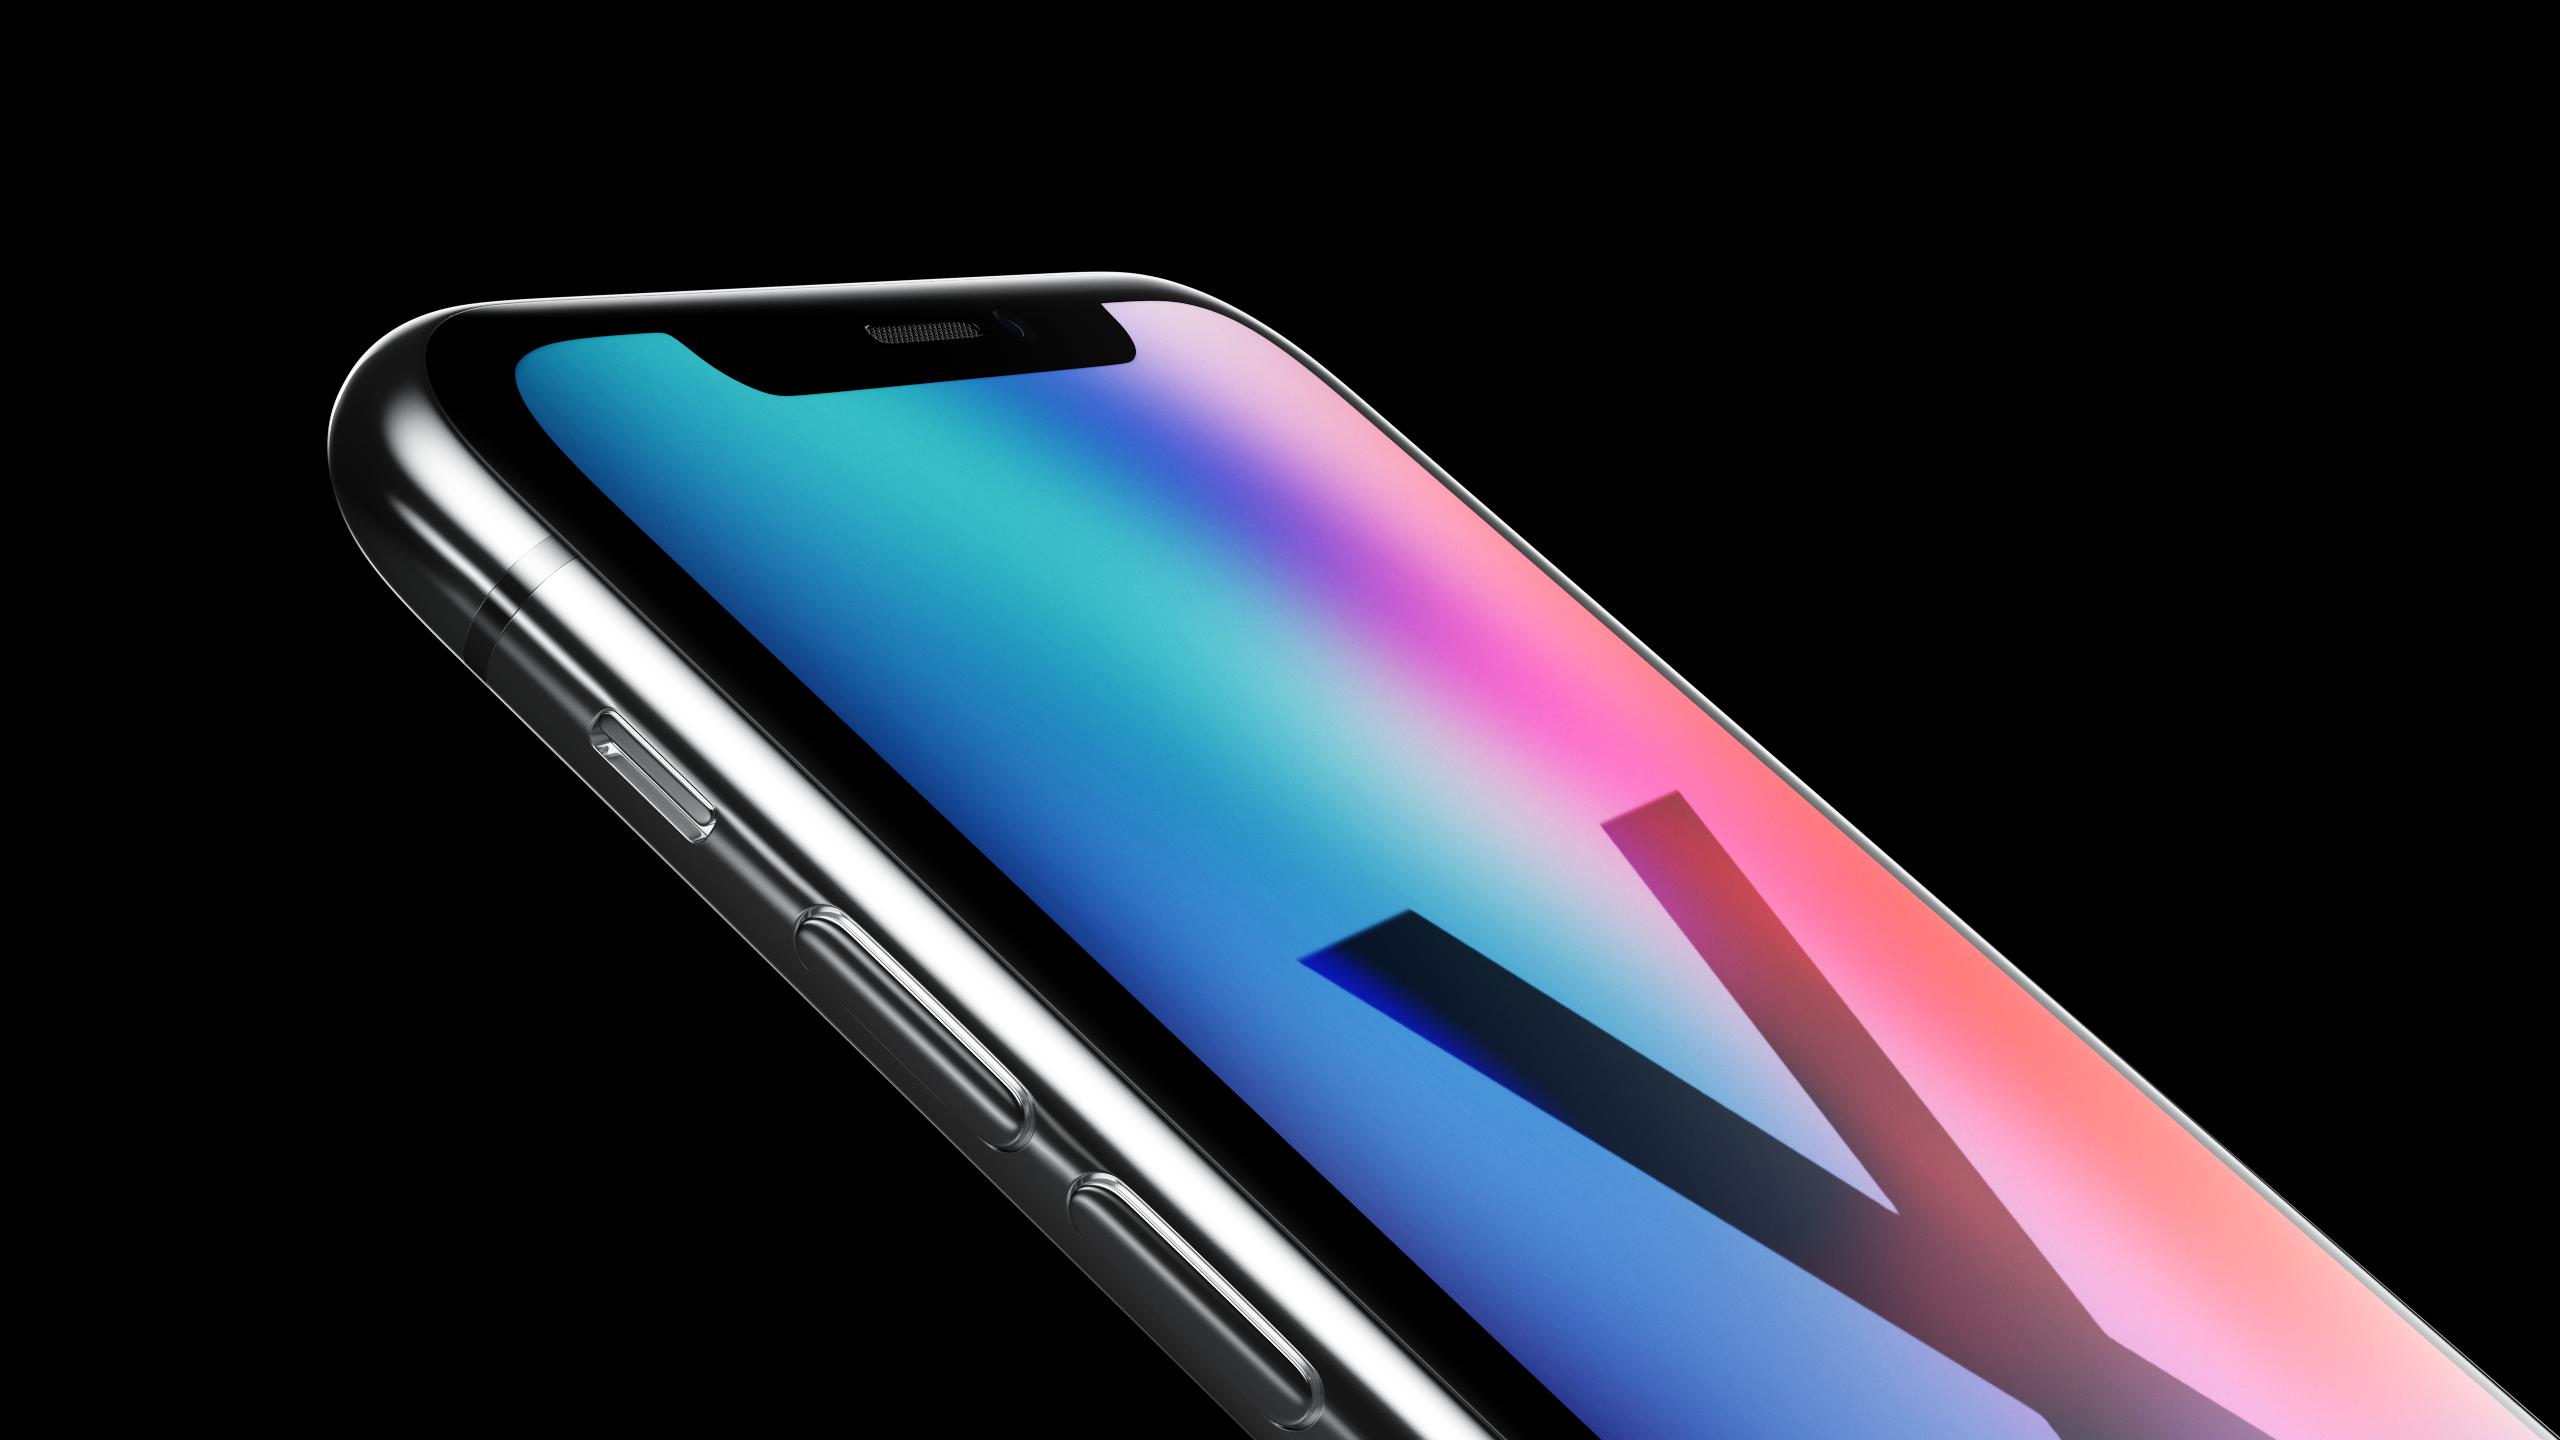 Best 5 smartphones 2019 | Smartphones 2019 | Iphone 10